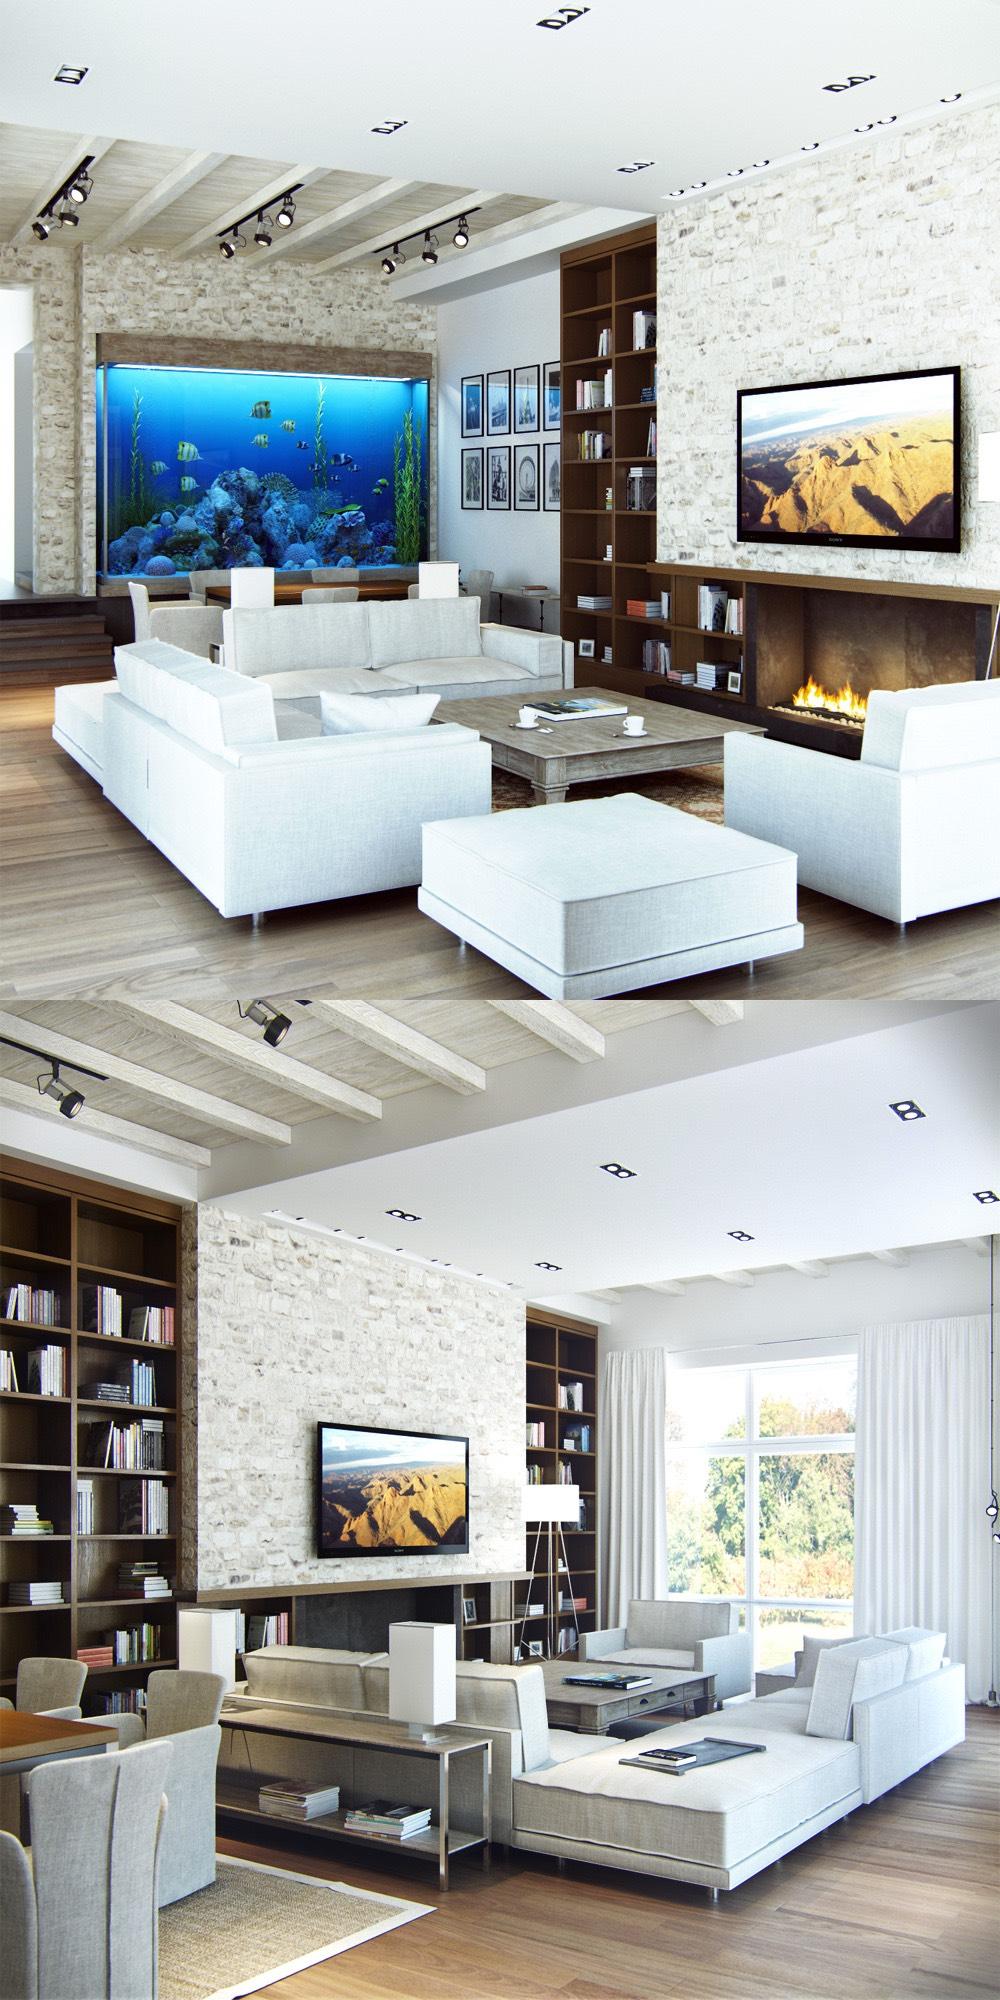 Wedo thiết kế nội thất phòng khách hiện đại,thoáng mát 19